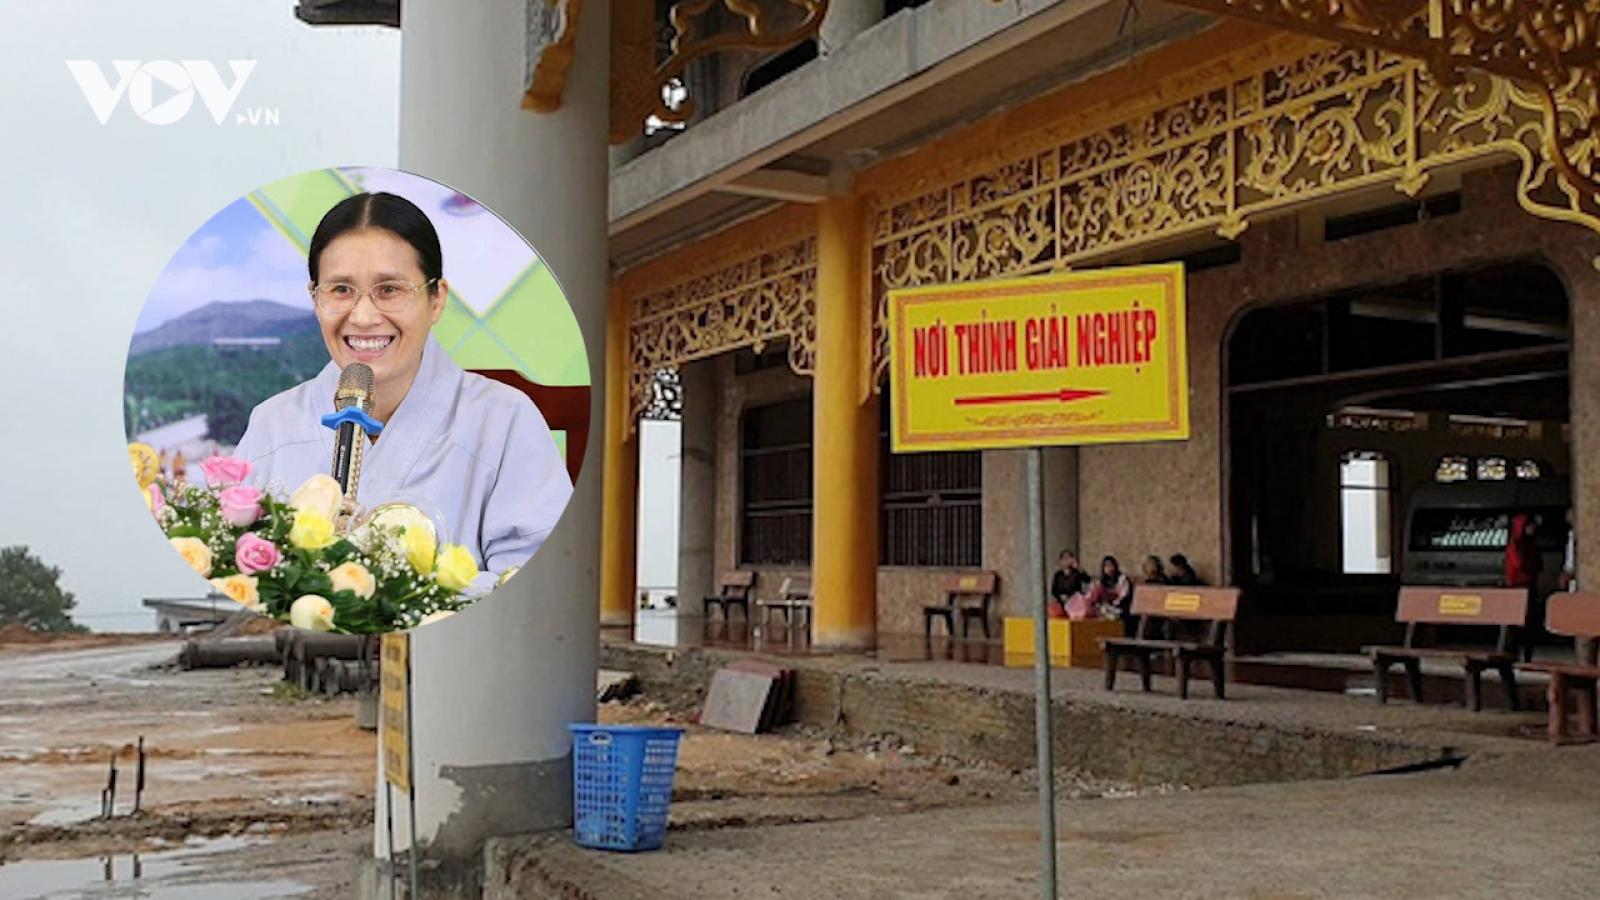 Bác đơn khởi kiện của bà Phạm Thị Yến liên quan tới việc thỉnh vong tại chùa Ba Vàng